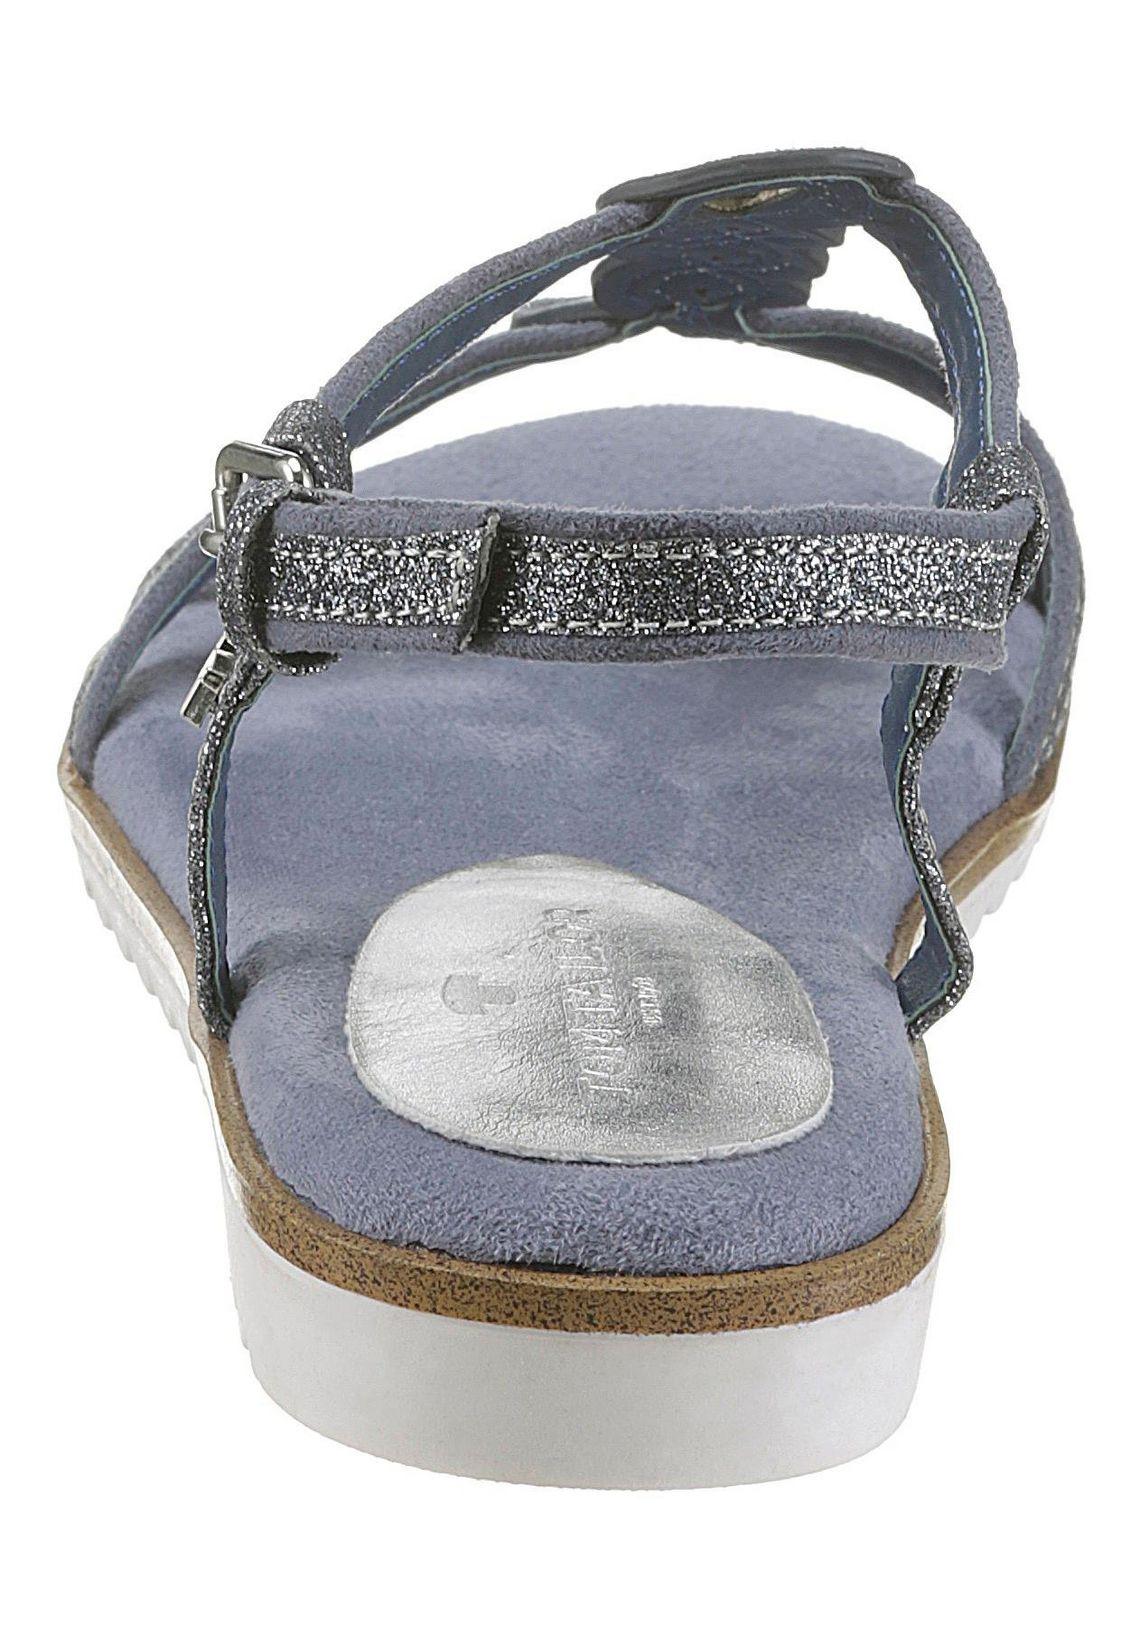 Tom Tailor sandalen makkelijk gevonden  grijsblauw